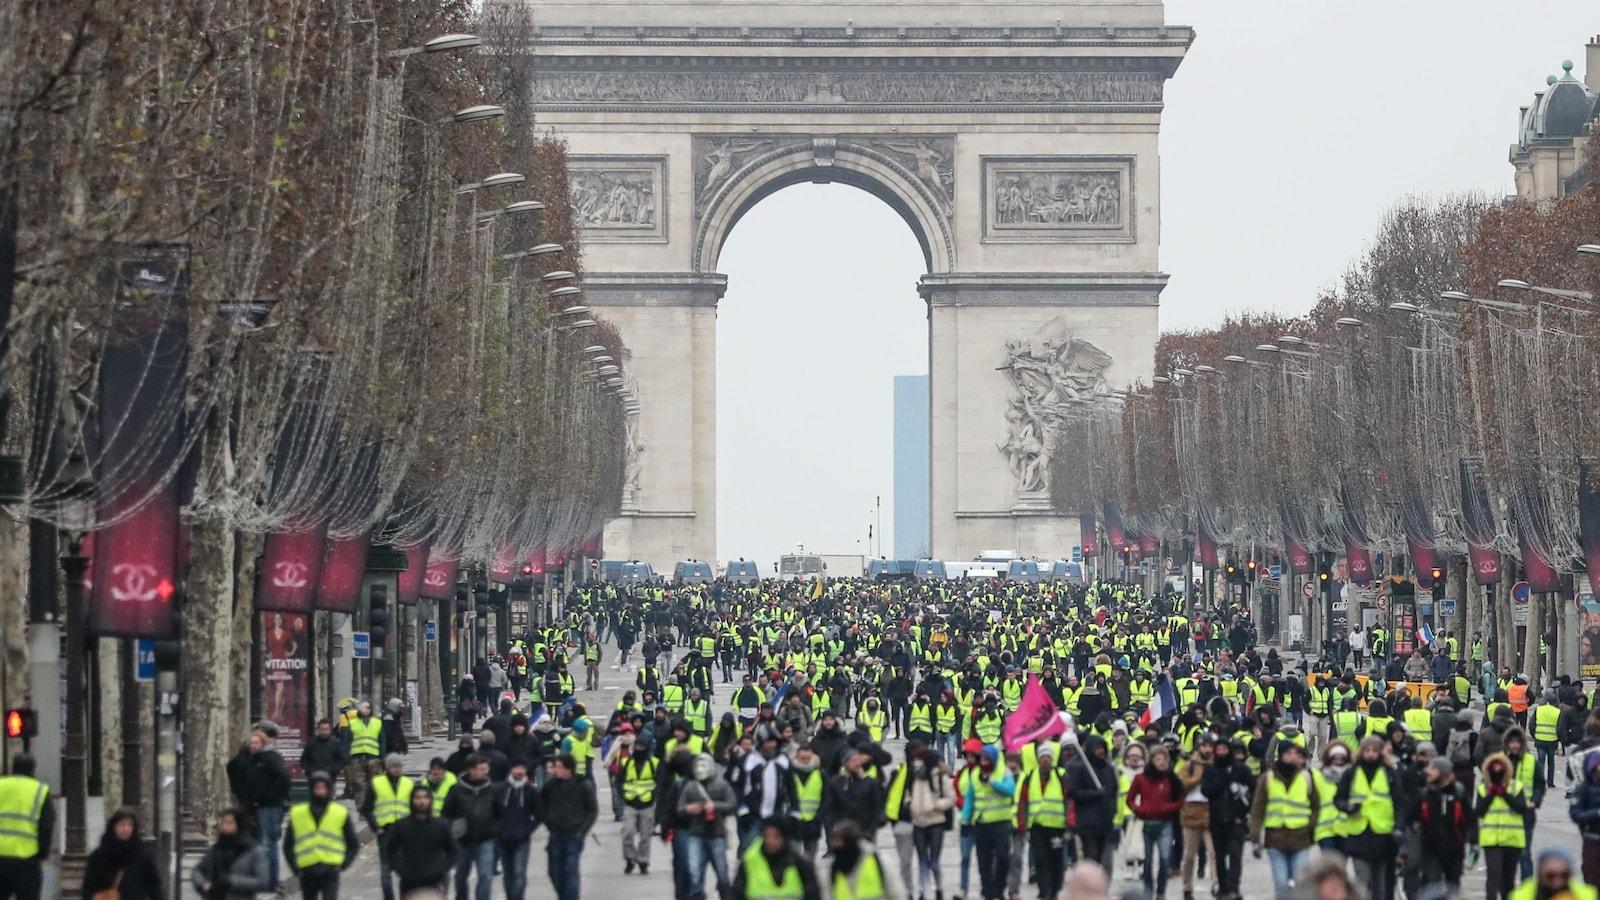 Plusieurs centaines de personnes marchent à Paris, plusieurs portant un gilet jaune. À l'arrière se dresse l'Arc de Triomphe.